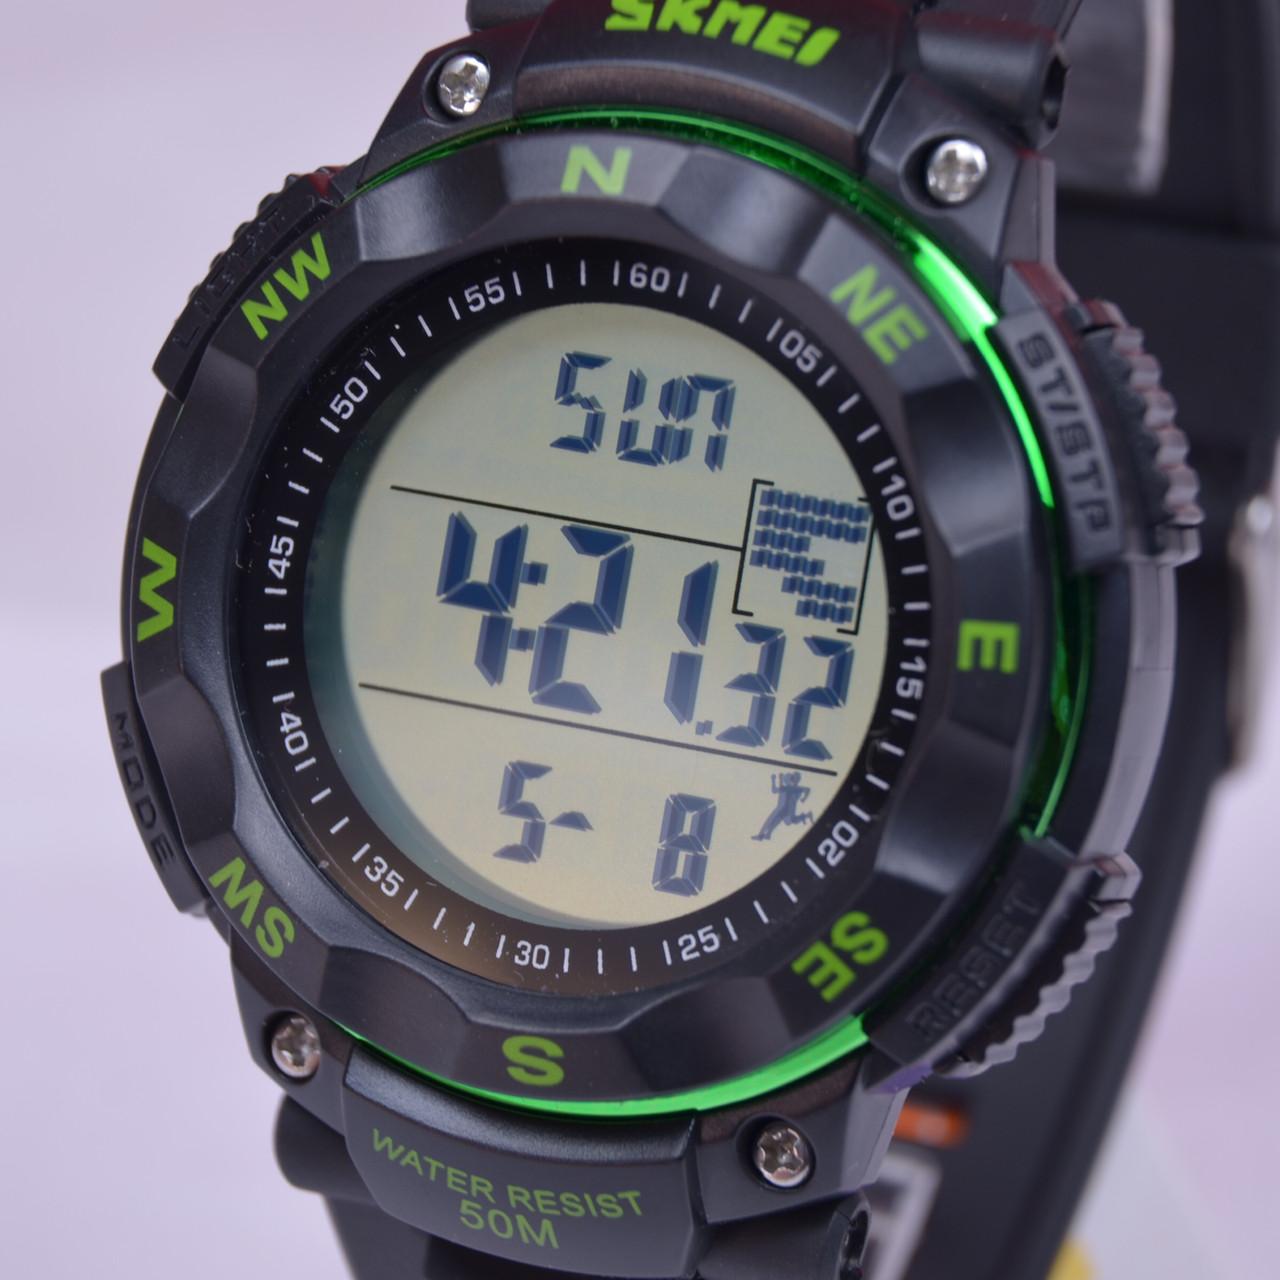 911a8789 Наручные часы SKMEI 1238-4 с шагомером (зеленые) купить в Украине ...